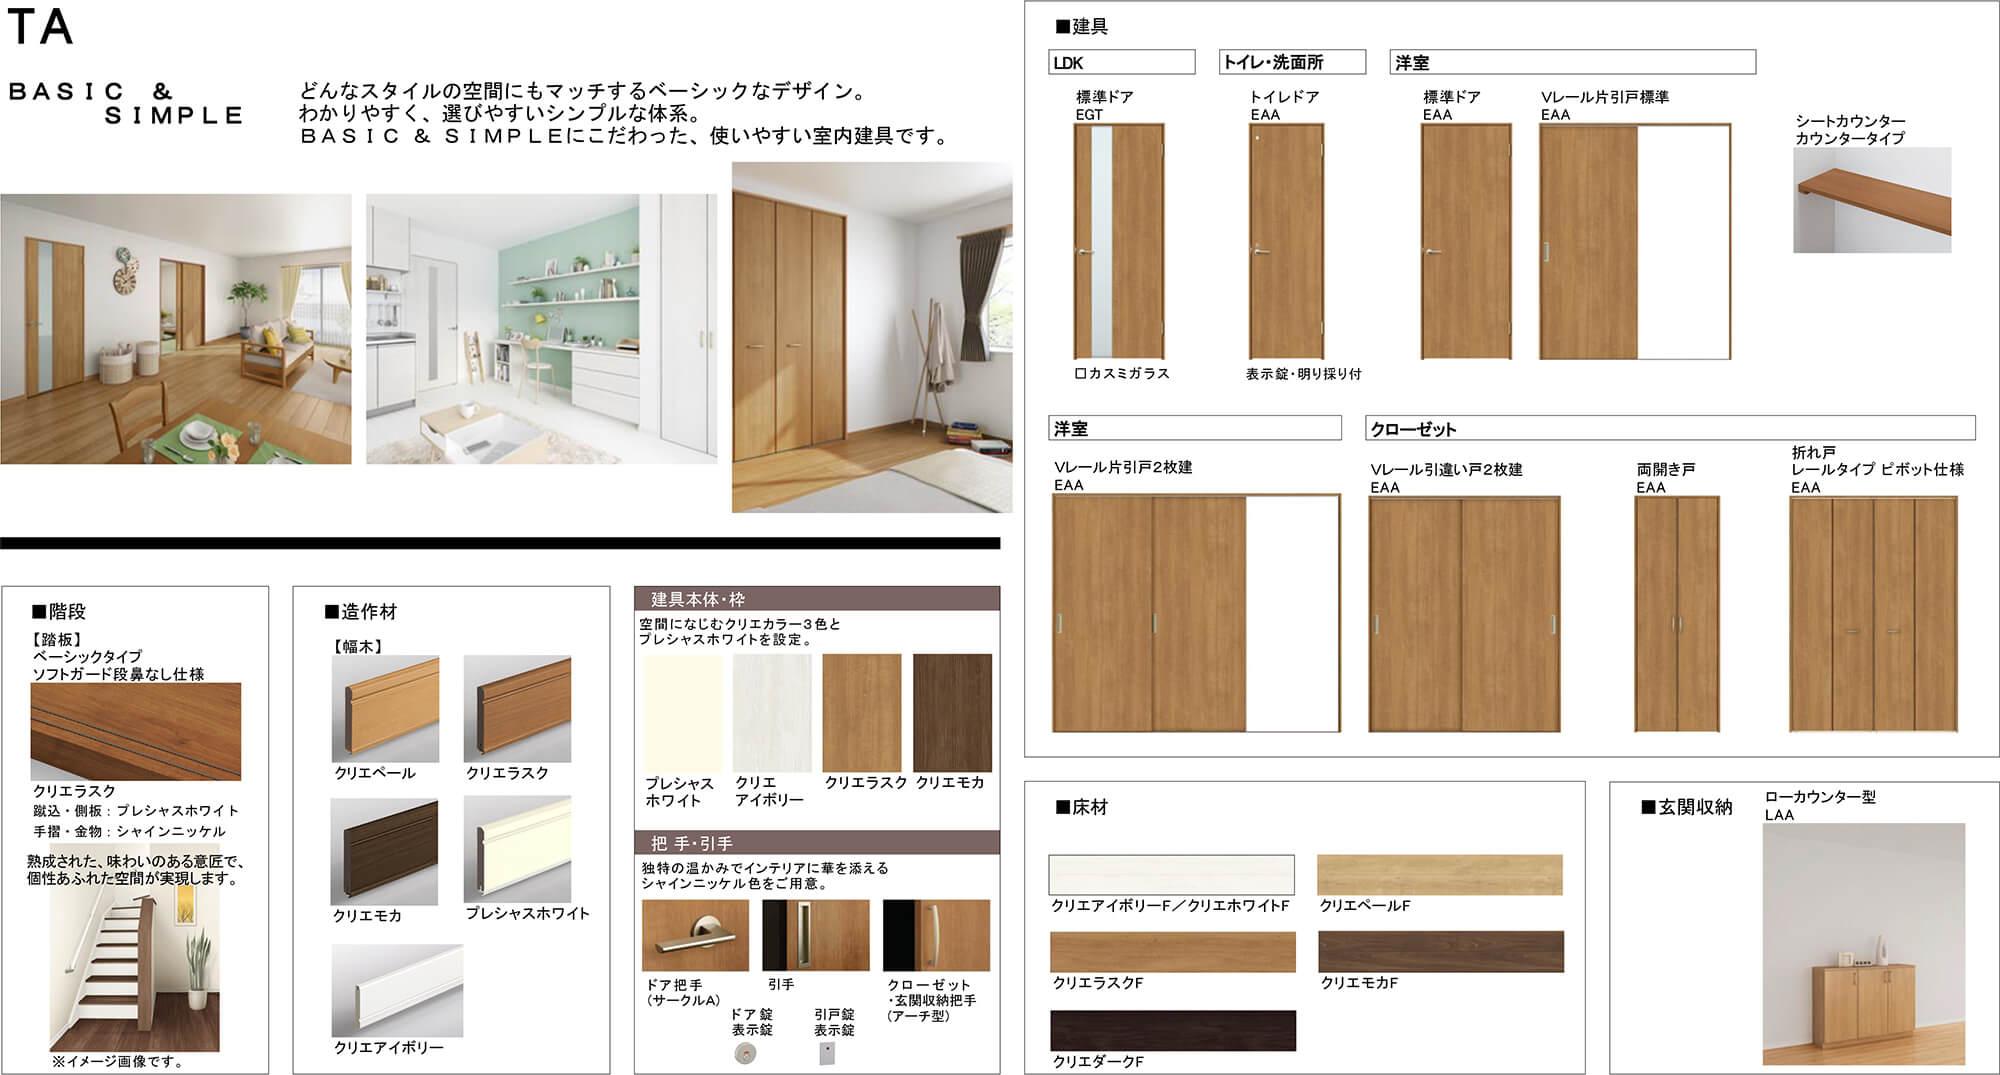 室内建具カタログの画像